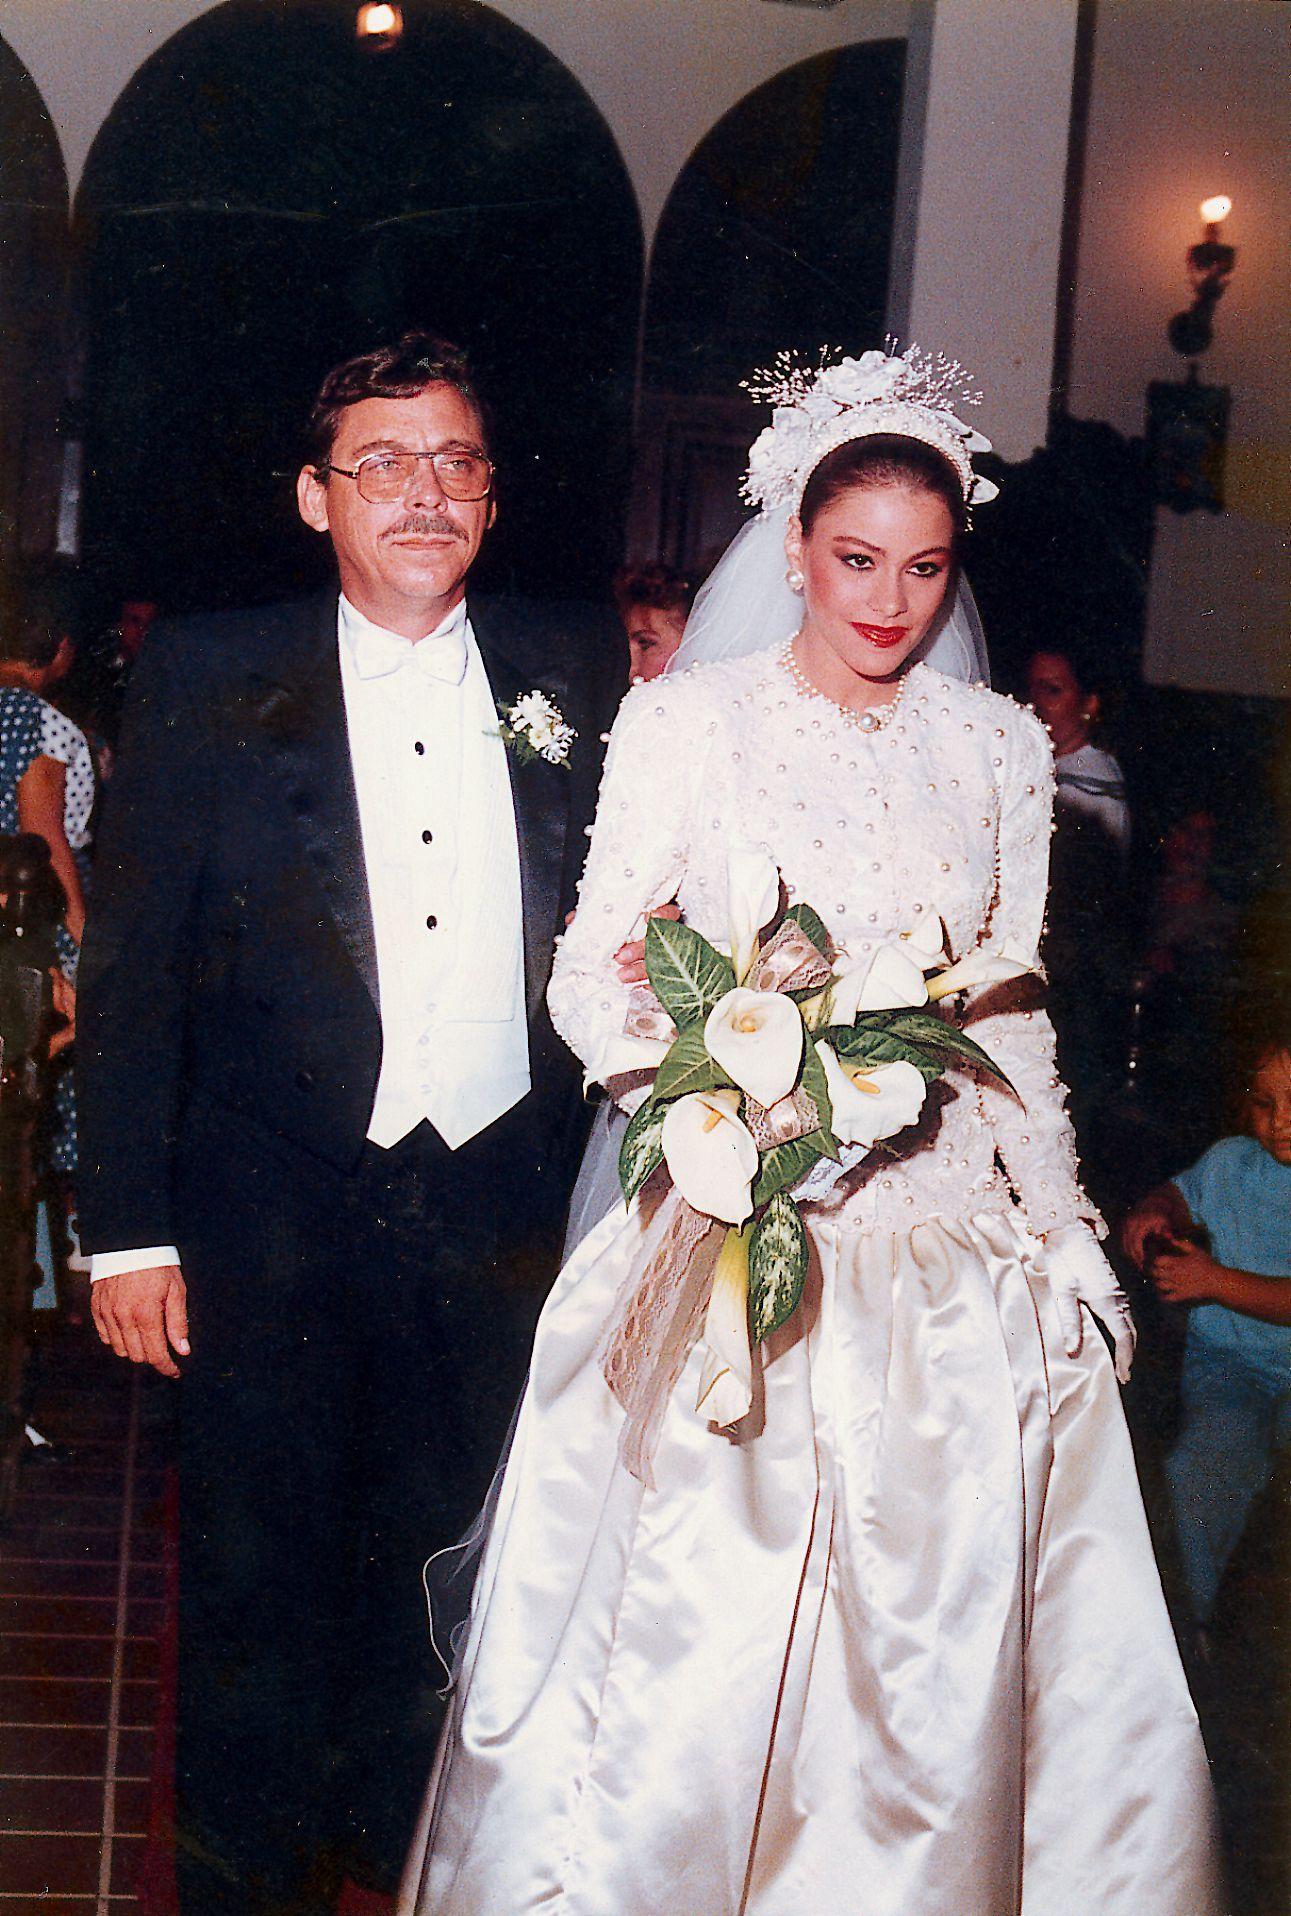 Amazing Photos Of Sofia Vergara S Teenage Wedding Prove She Doesn T Age Sofia Vergara Wedding Celebrity Bride Bride